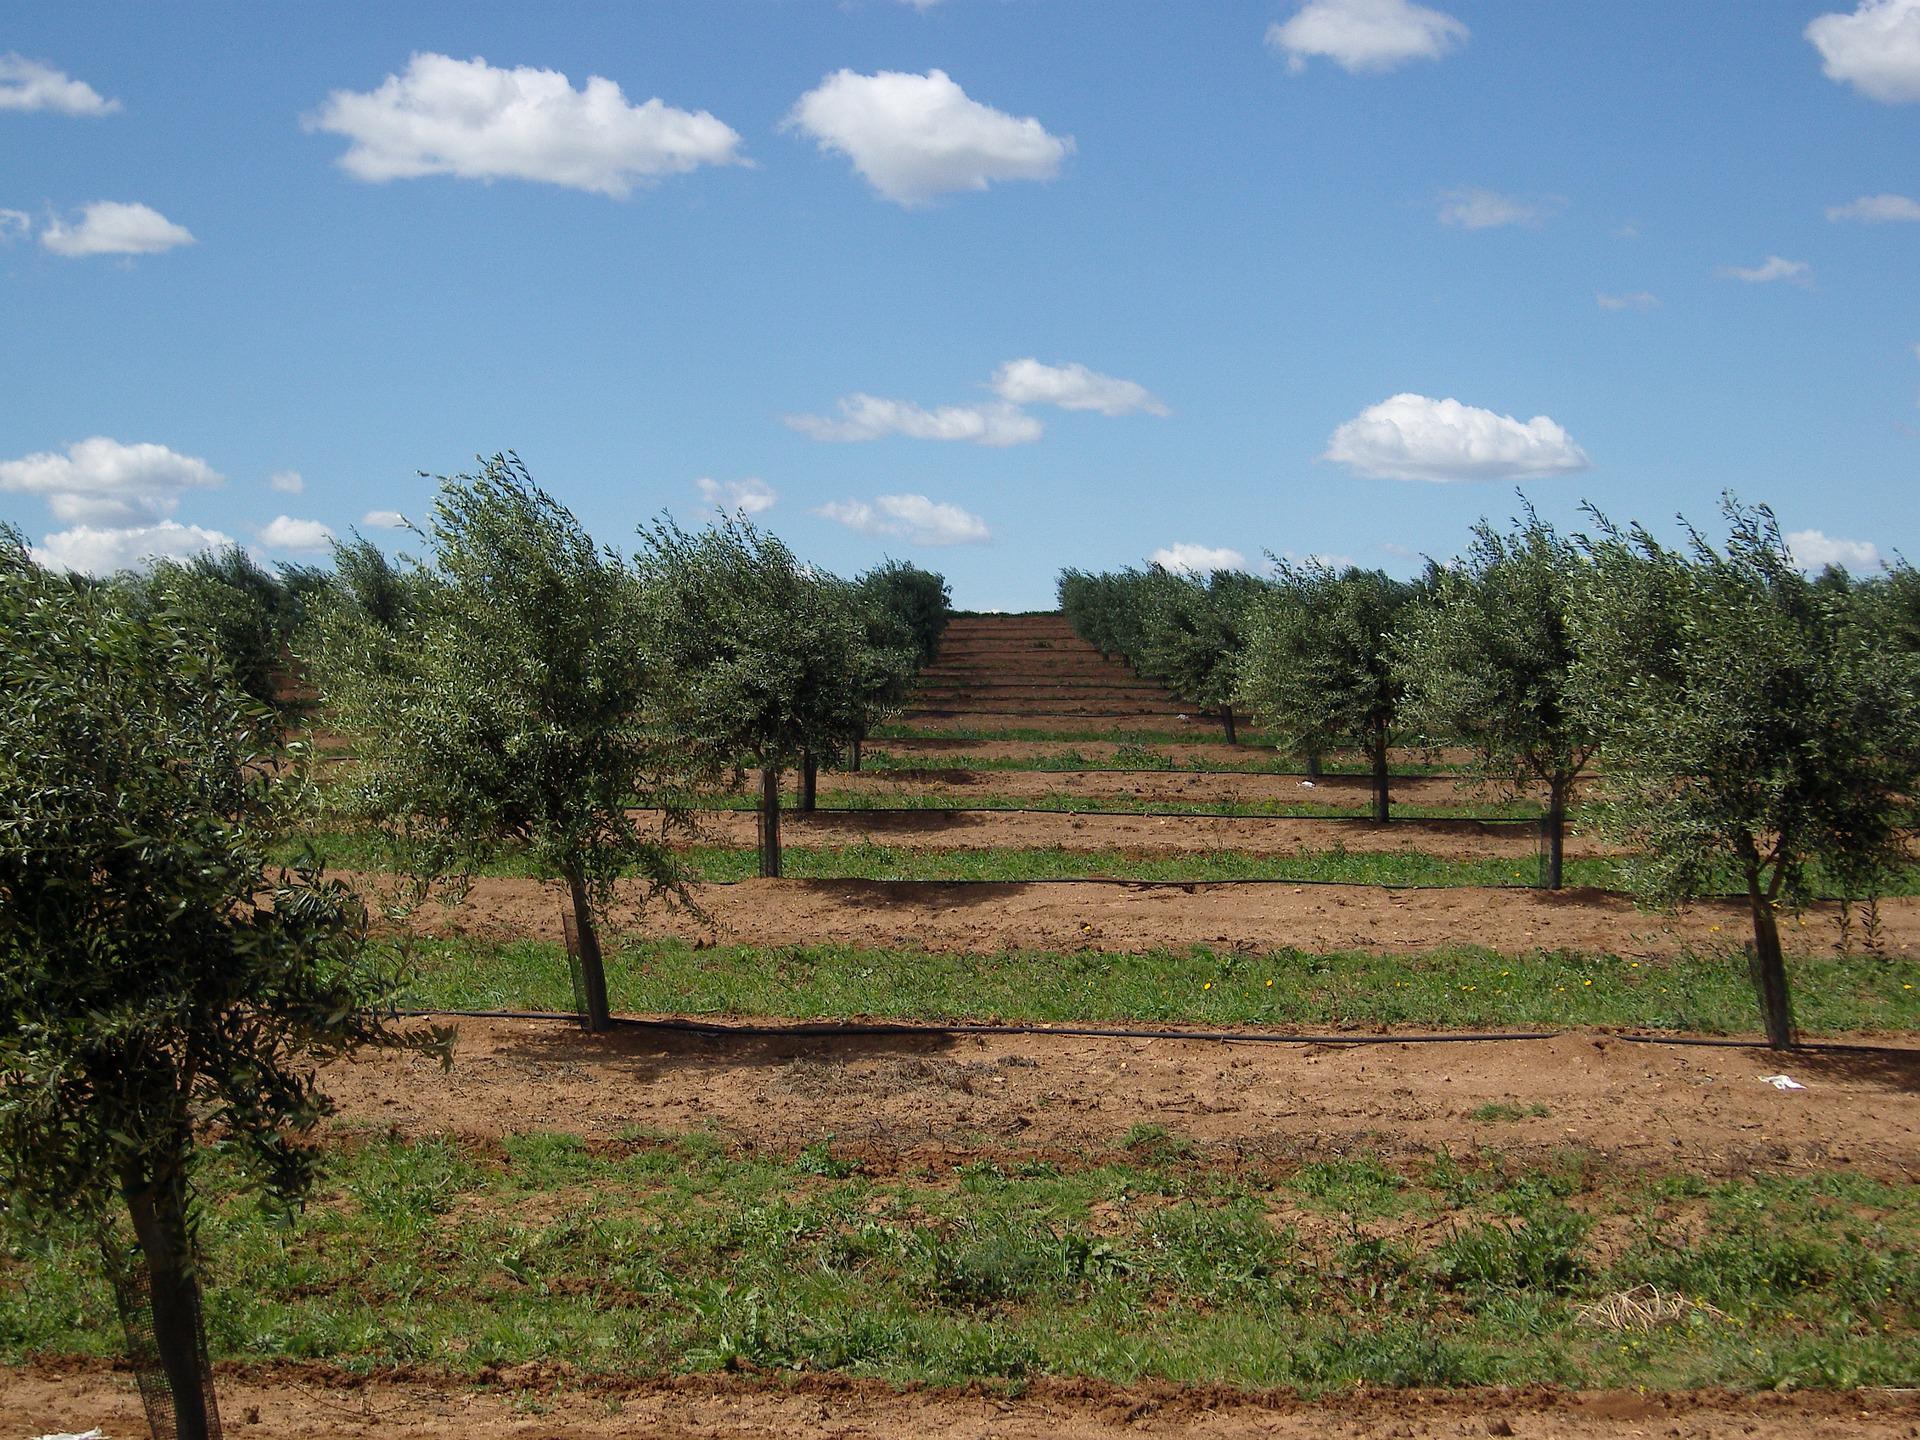 olive-trees-1234561_1920 (2).jpg